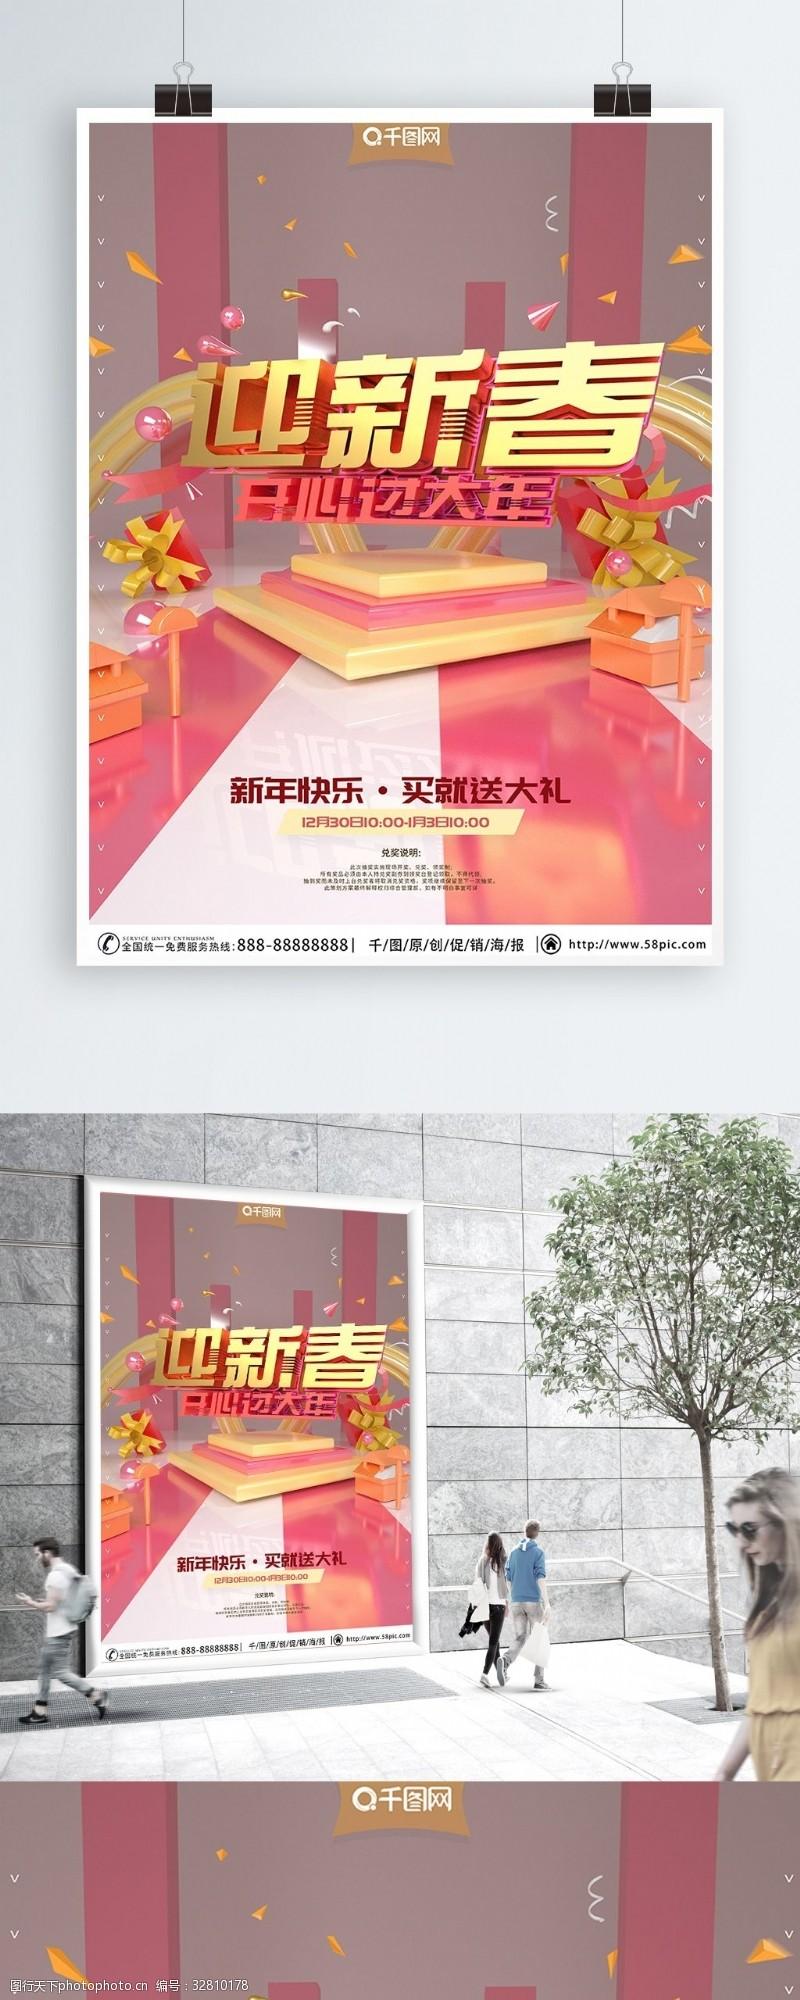 原創珊瑚紅創意C4D場景新年促銷海報